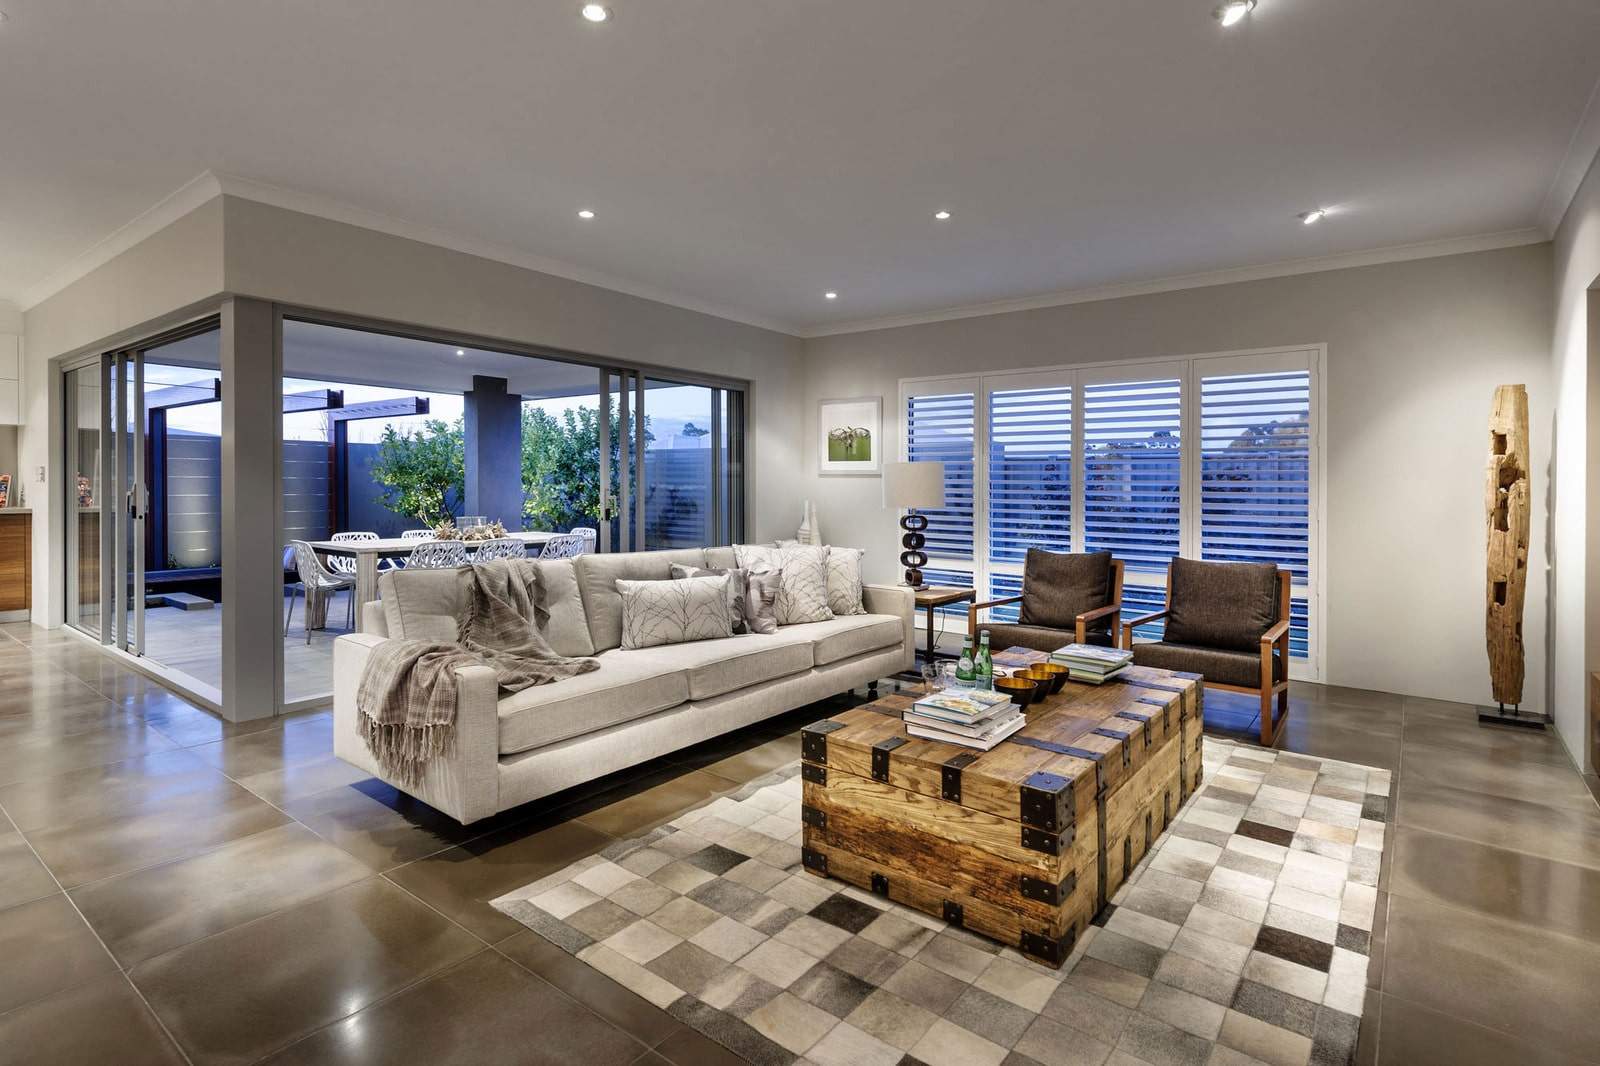 Dise o de casa moderna de dos pisos fachada e interiores Planos interiores de casas modernas